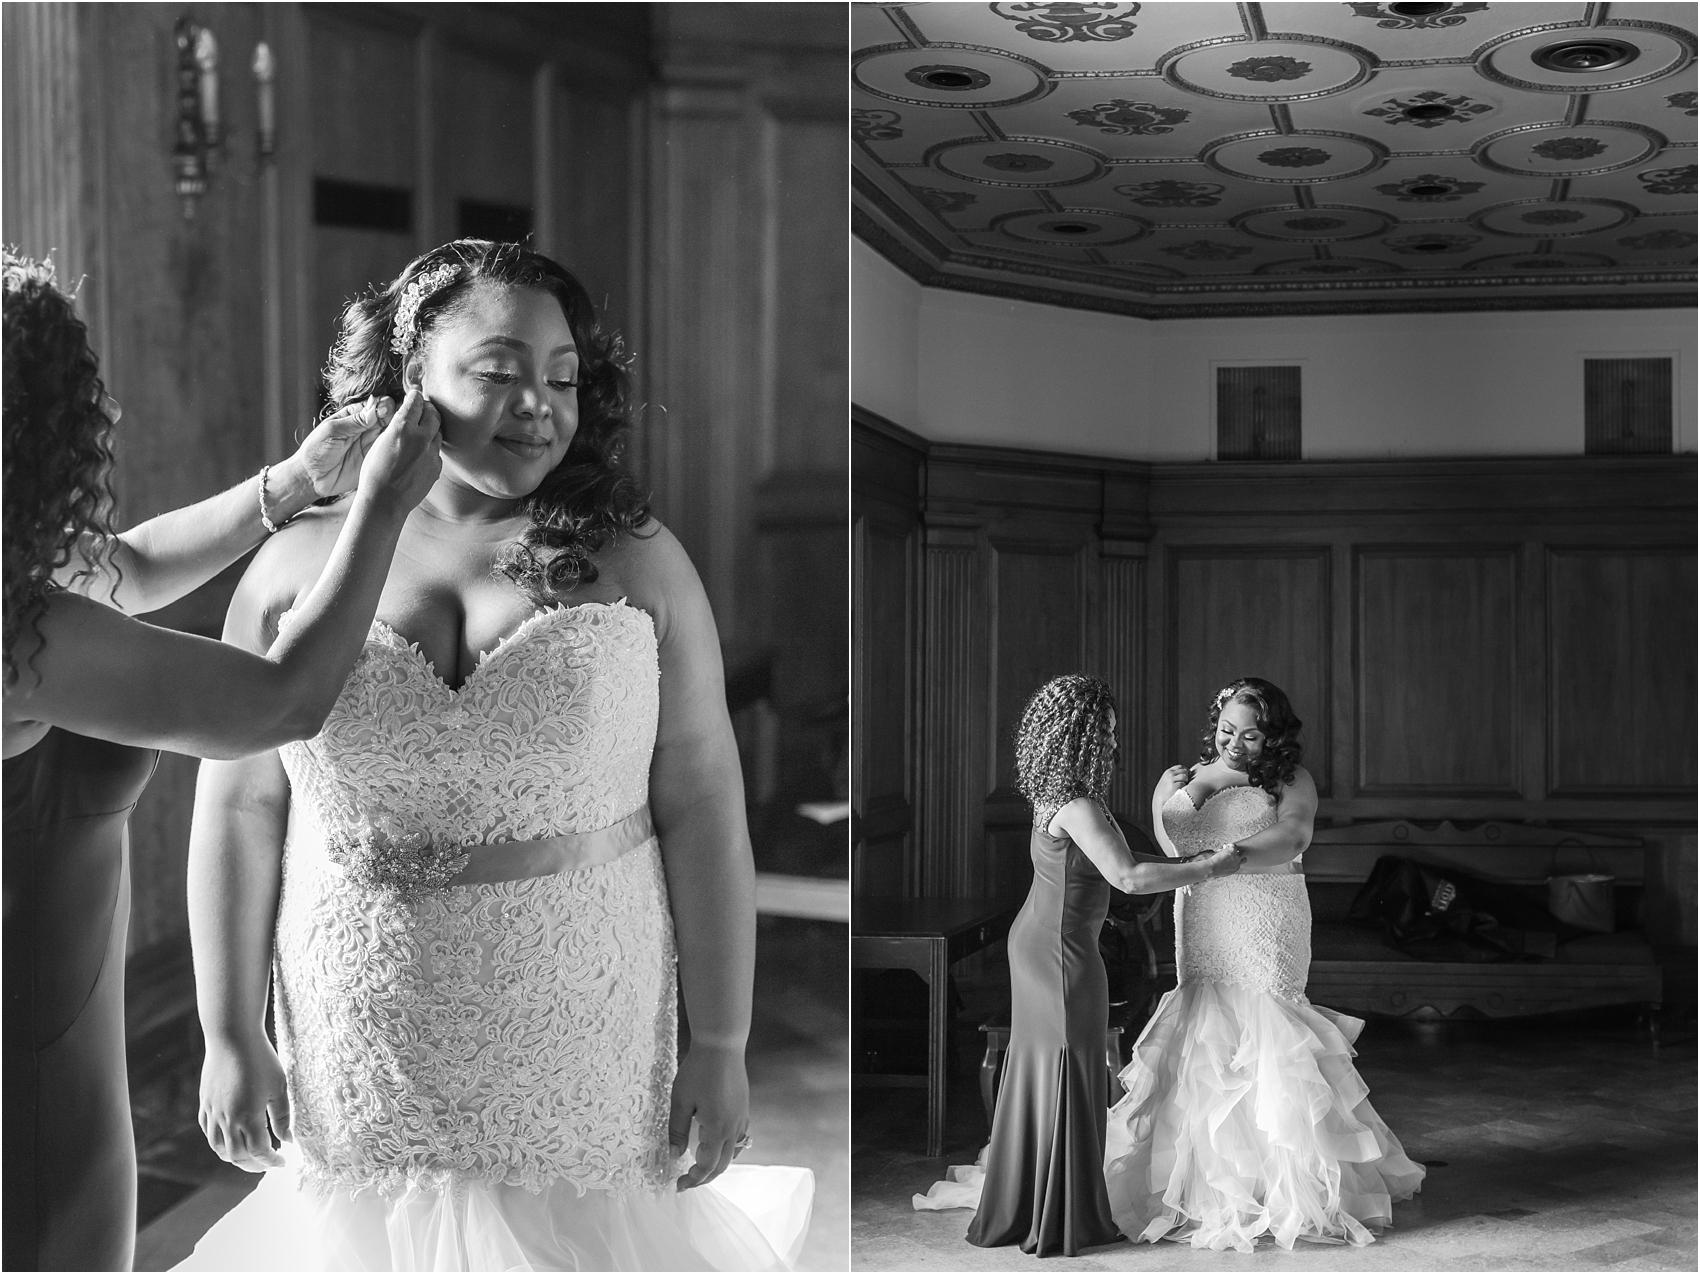 minimalist-and-modern-wedding-photos-at-30-north-saginaw-in-pontiac-michigan-by-courtney-carolyn-photography_0005.jpg